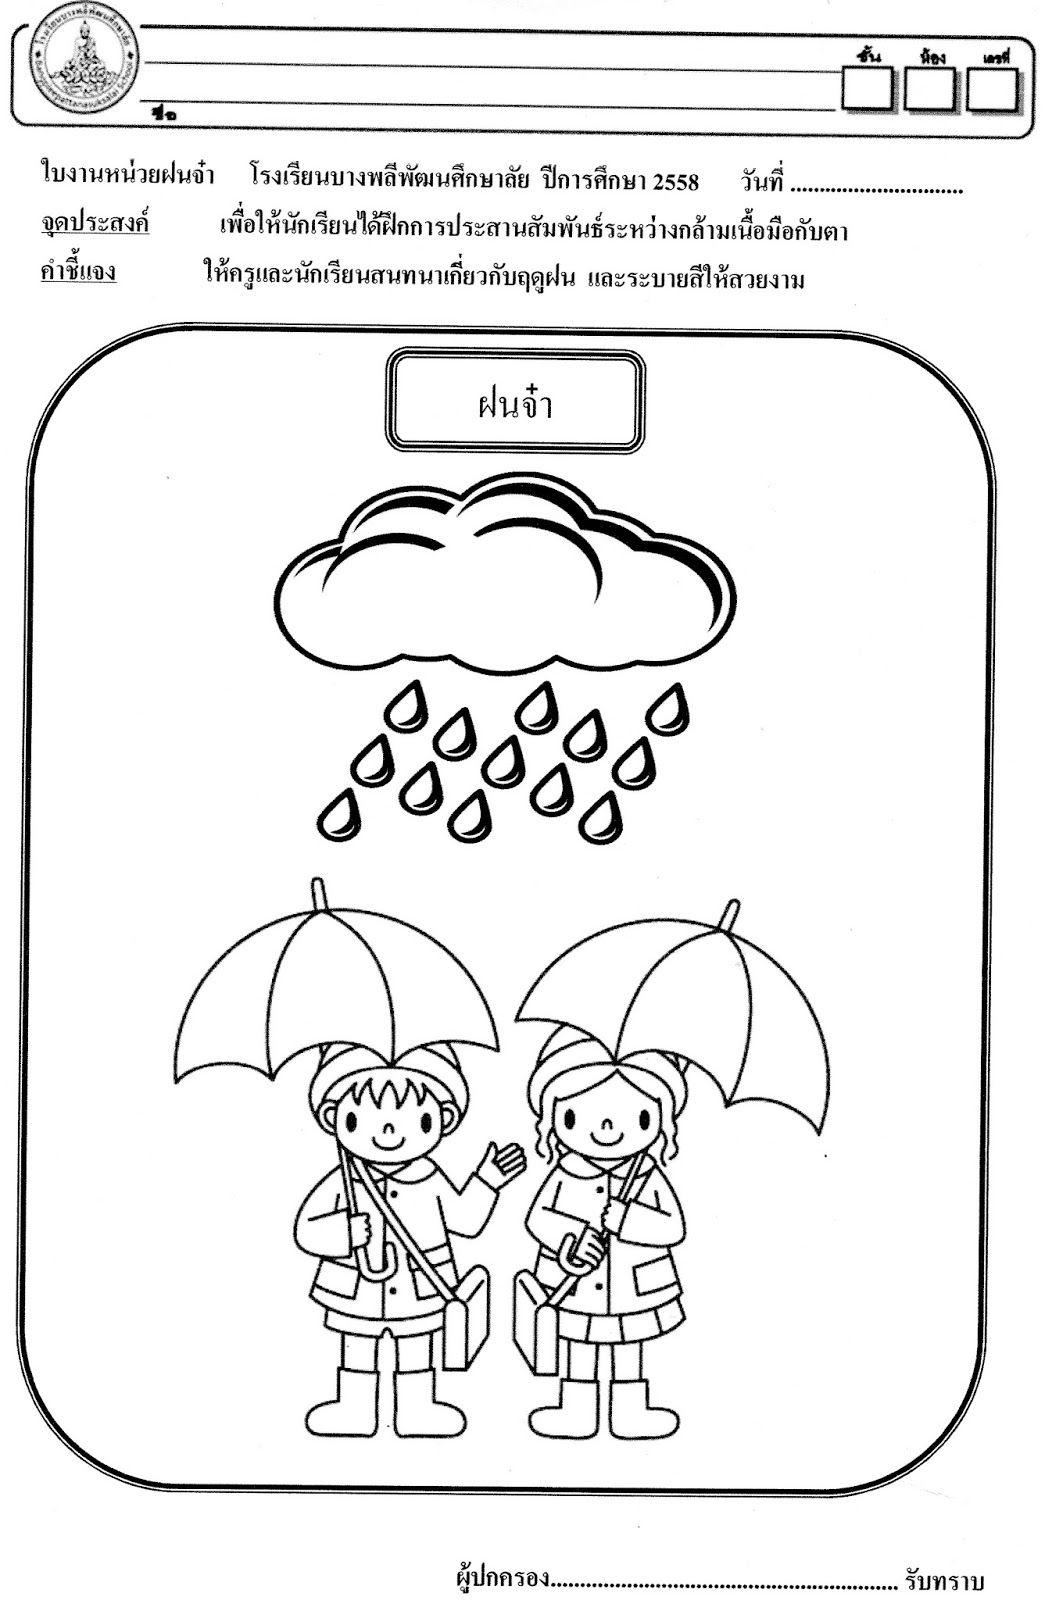 หน วยฤด ฝน ส อการสอนคณ ตศาสตร แบบฝ กห ดภาษา แบบฝ กการเข ยนสำหร บเด ก